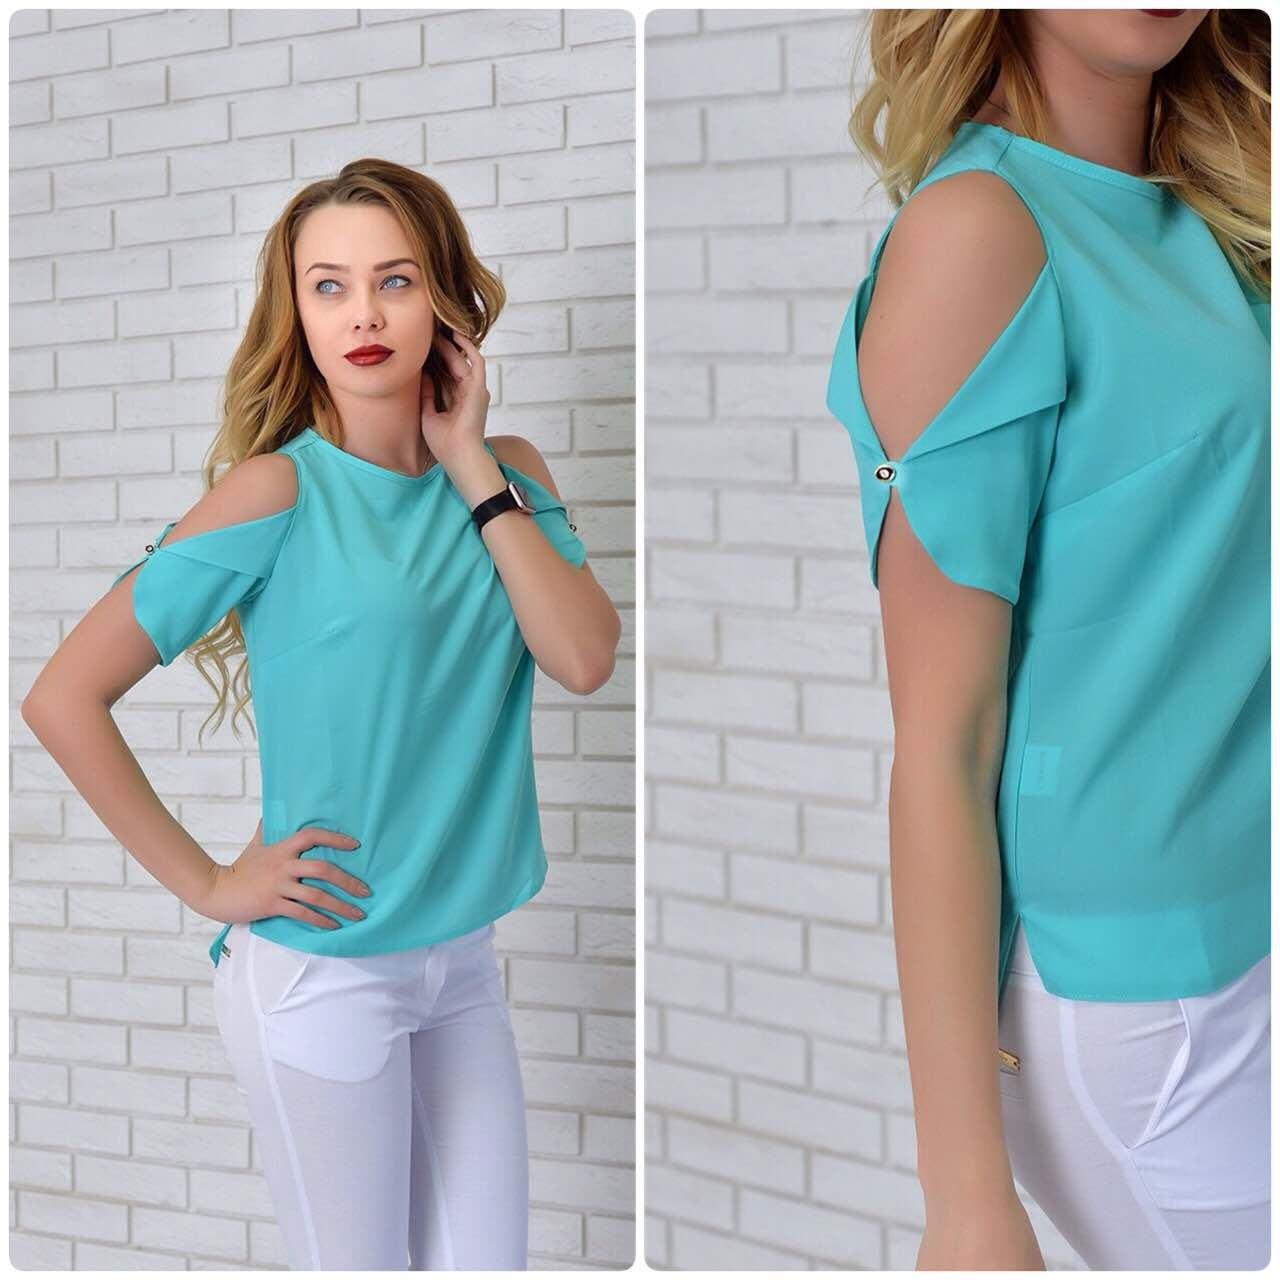 Блузка женская, модель 901, бирюзовый